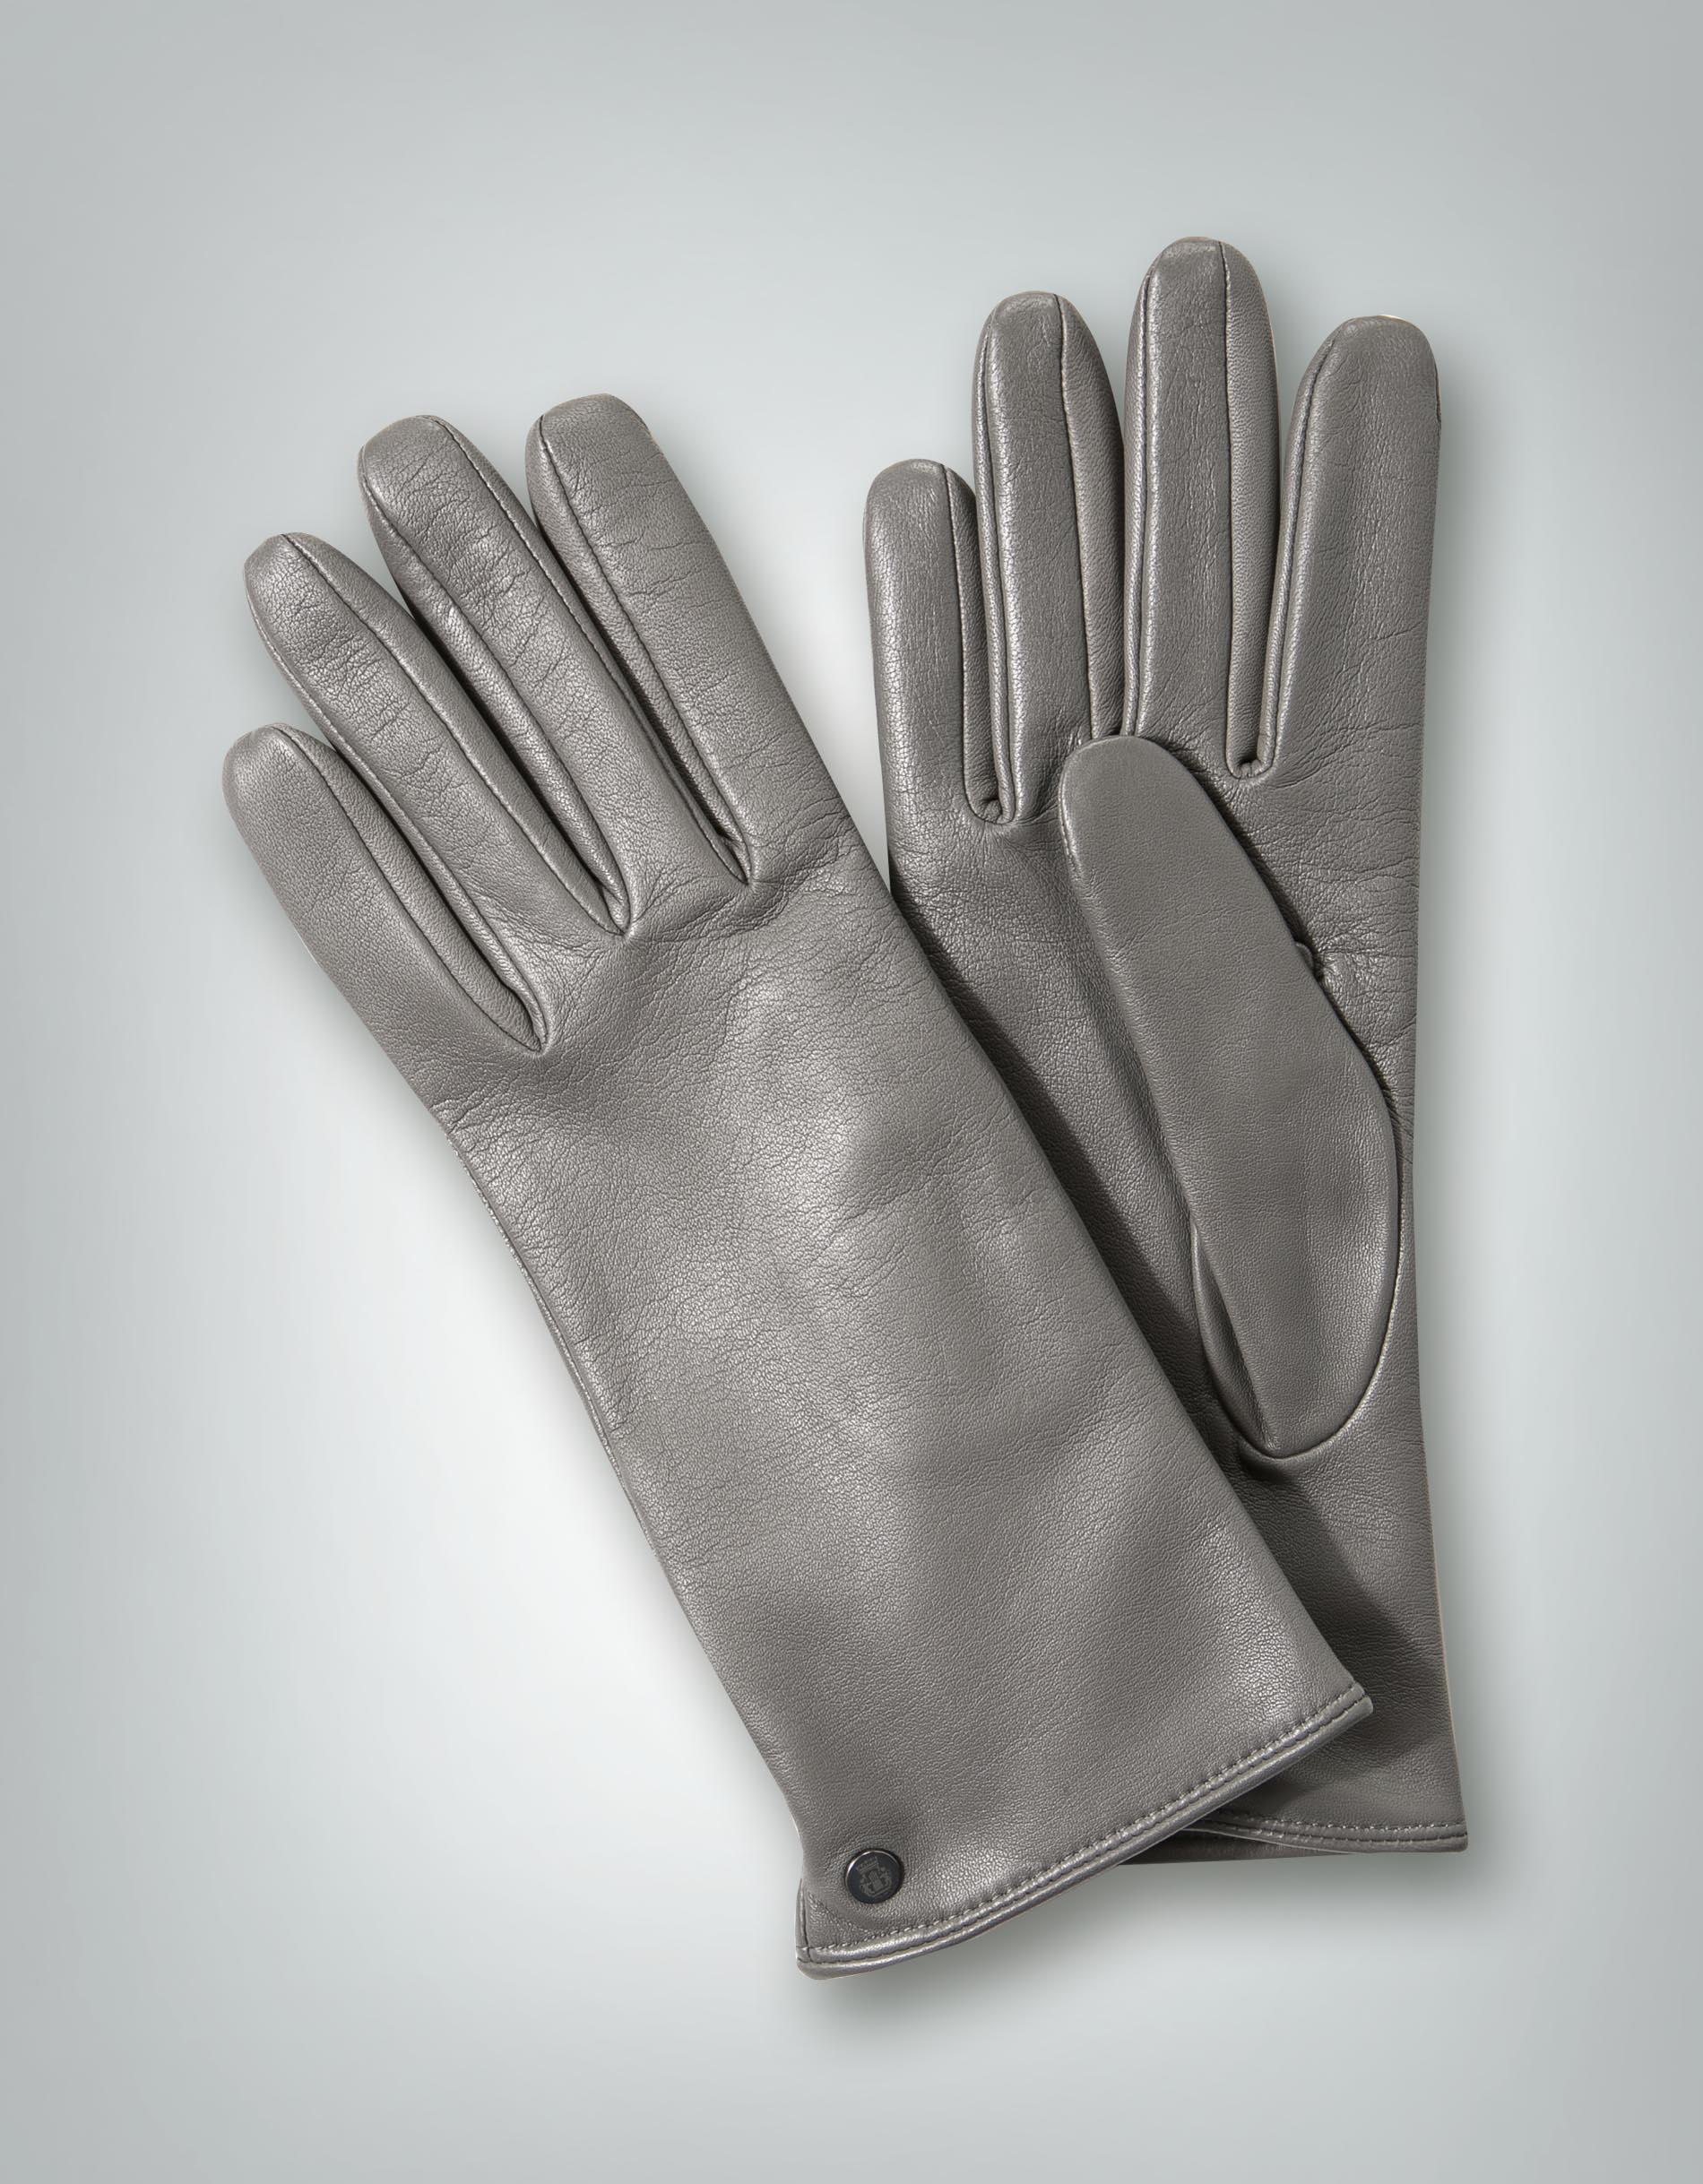 roeckl damen handschuhe leder mit wollfutter empfohlen von. Black Bedroom Furniture Sets. Home Design Ideas